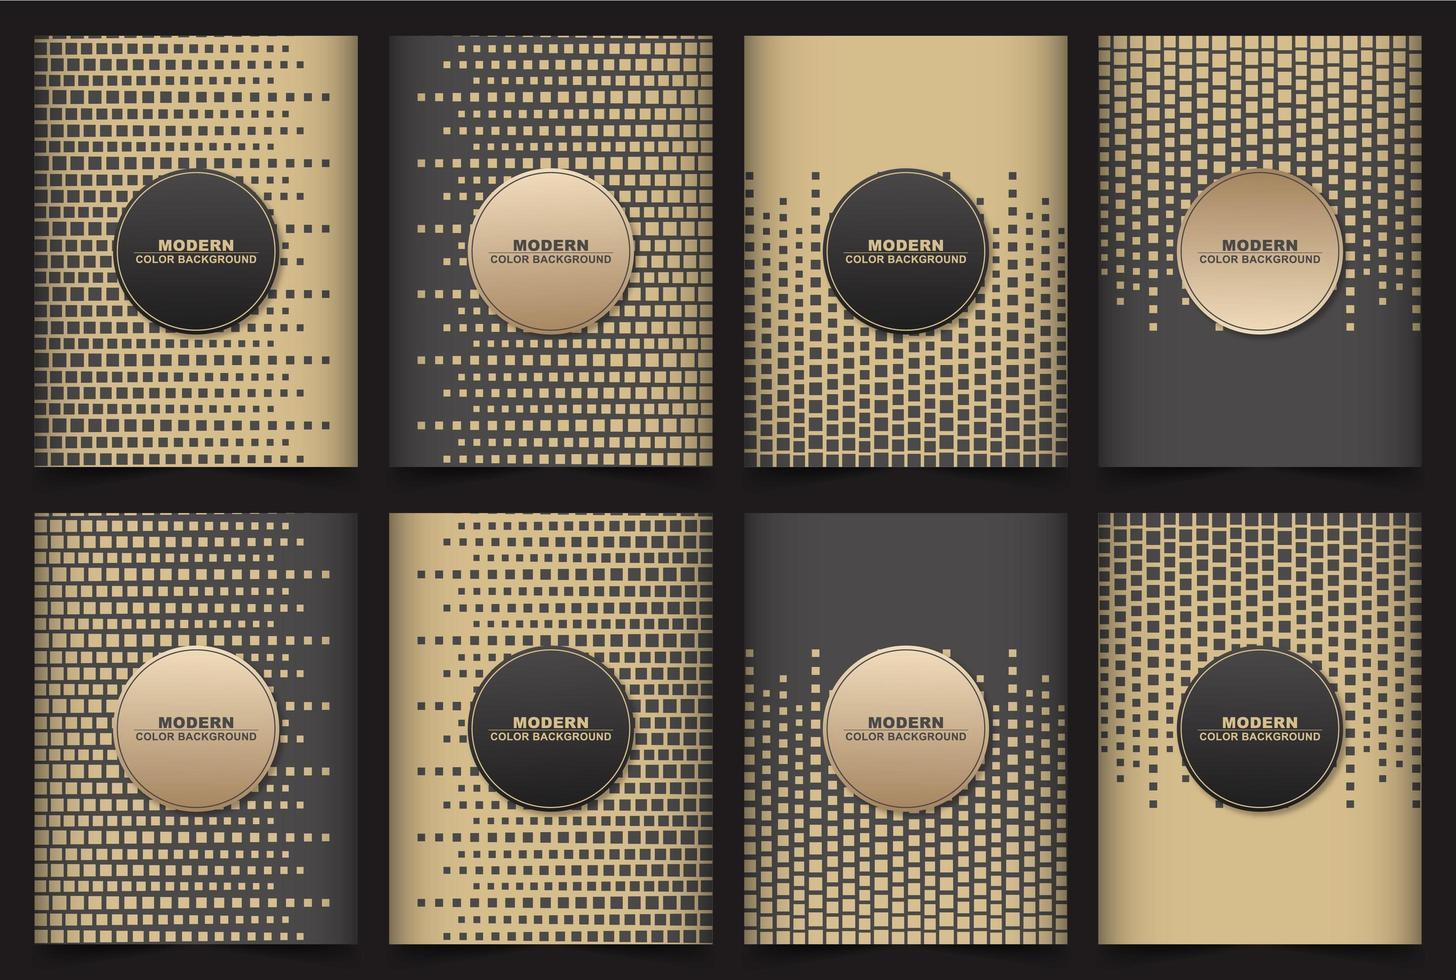 fond de cube géométrique avec des couleurs marron et noir vecteur